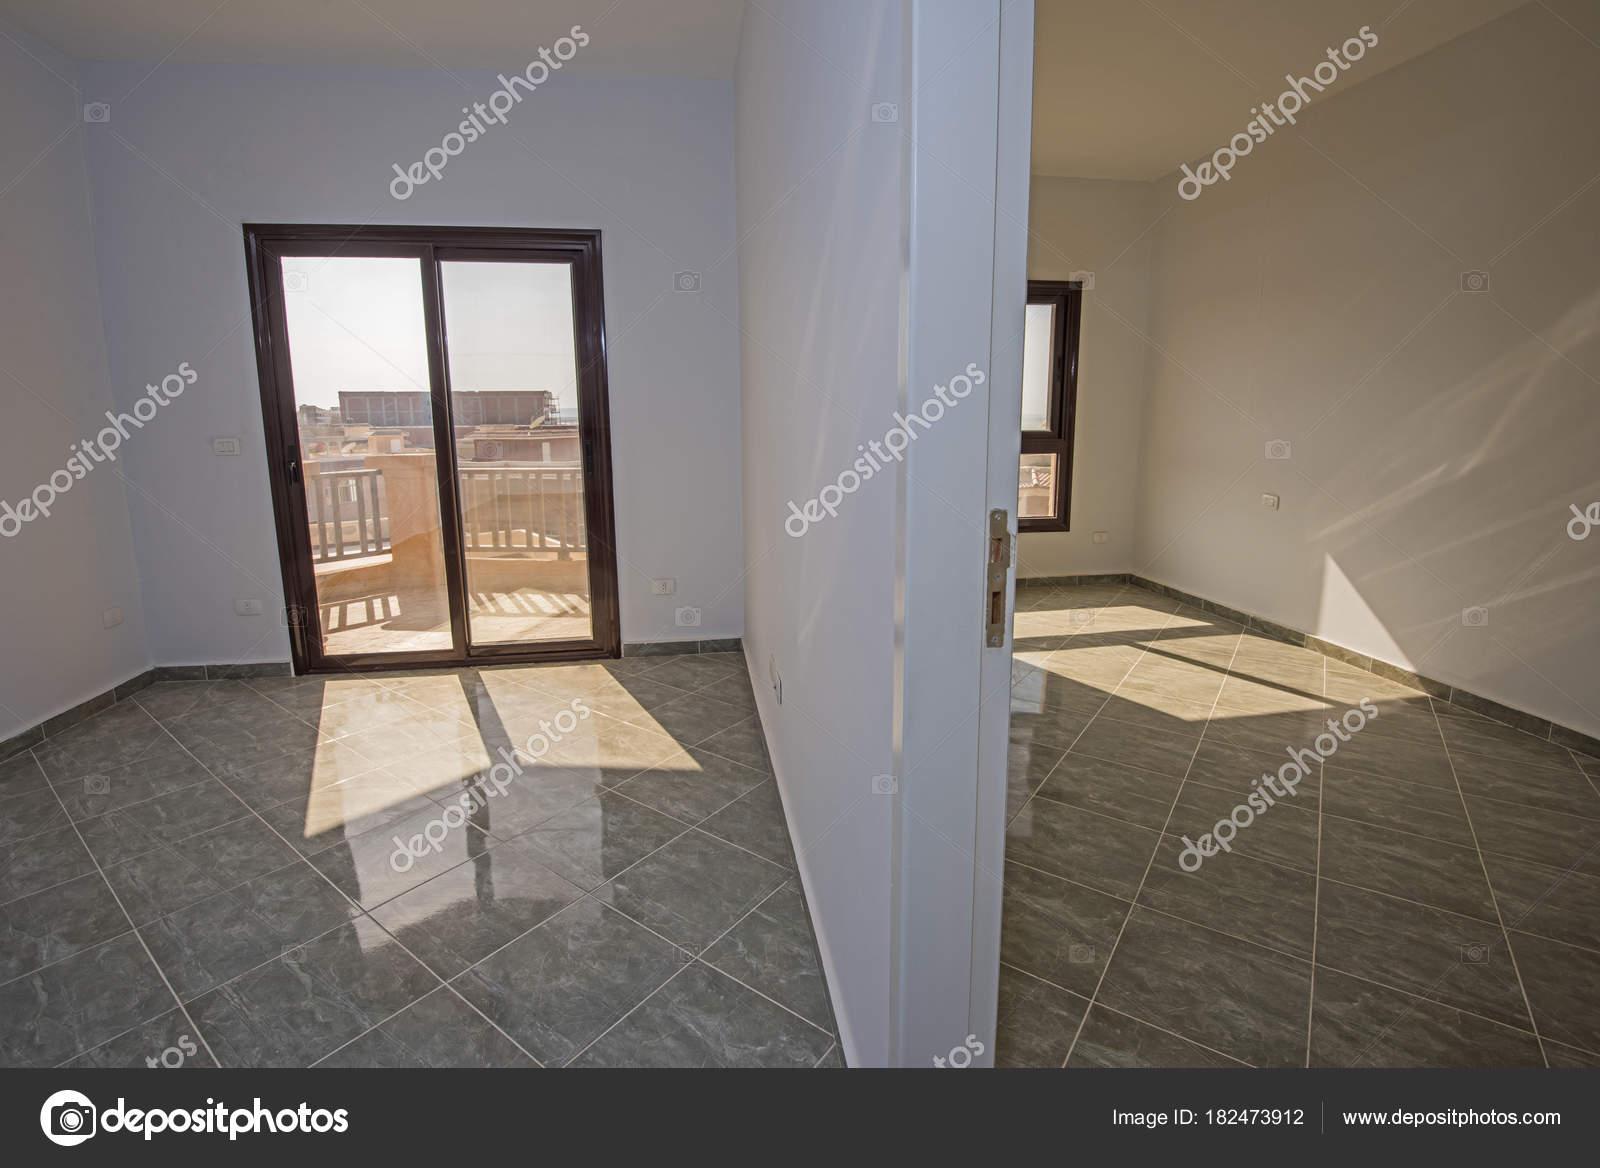 Décoration intérieure design de luxe moderne voir inachevé vide la maison appartement image de